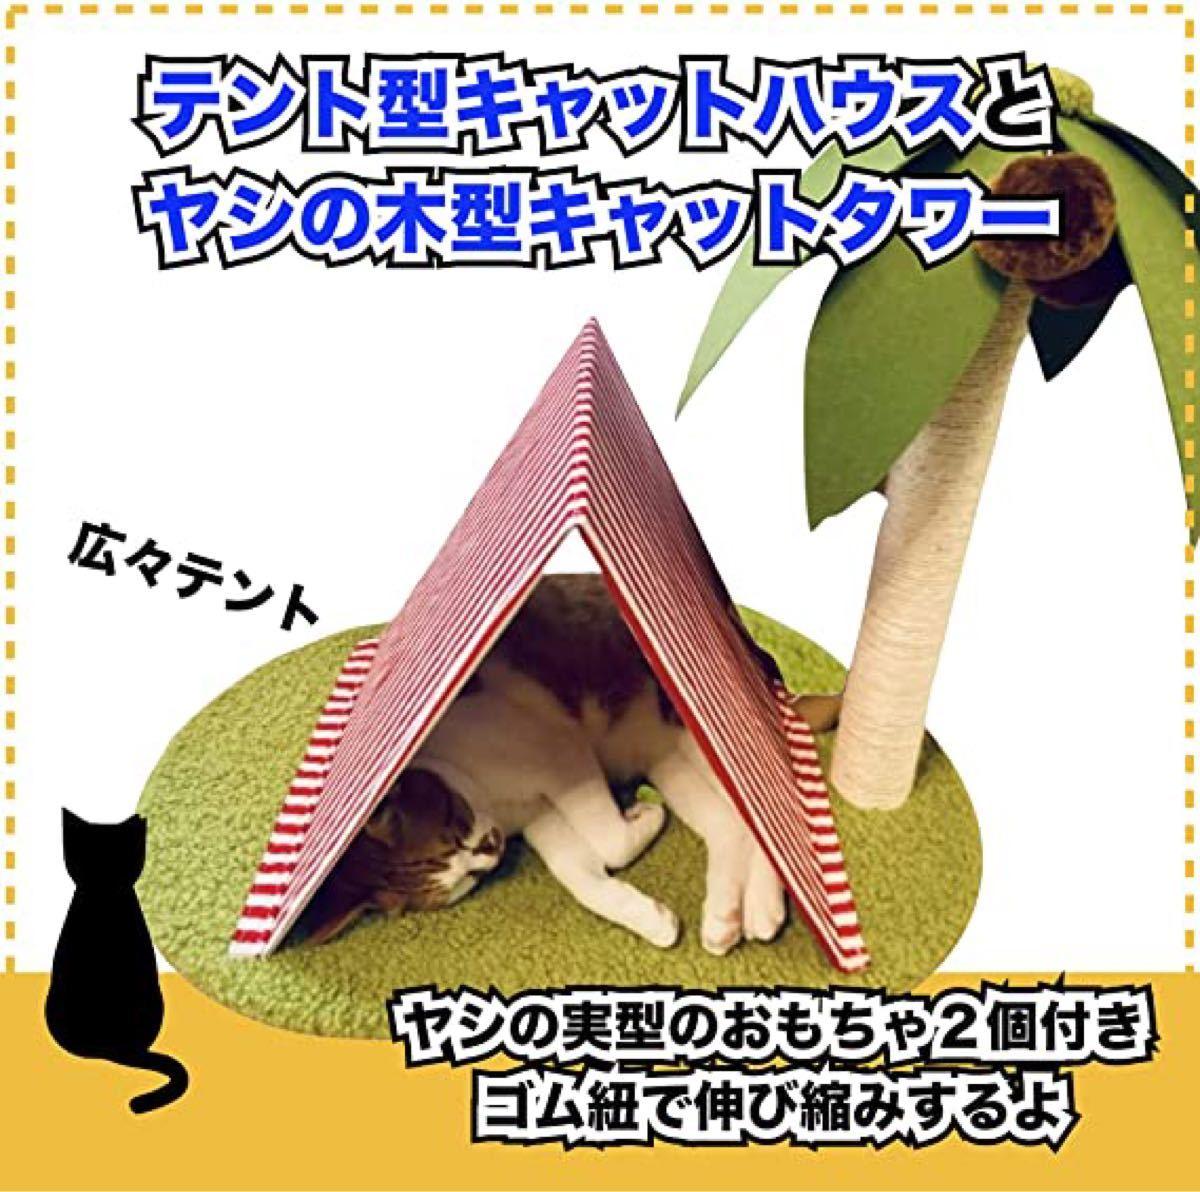 キャットタワー キャットハウス テント 猫爪とぎ 安定性 頑丈耐久 組立簡単 ストレス解消 (テントハウス&ヤシの木タワー)